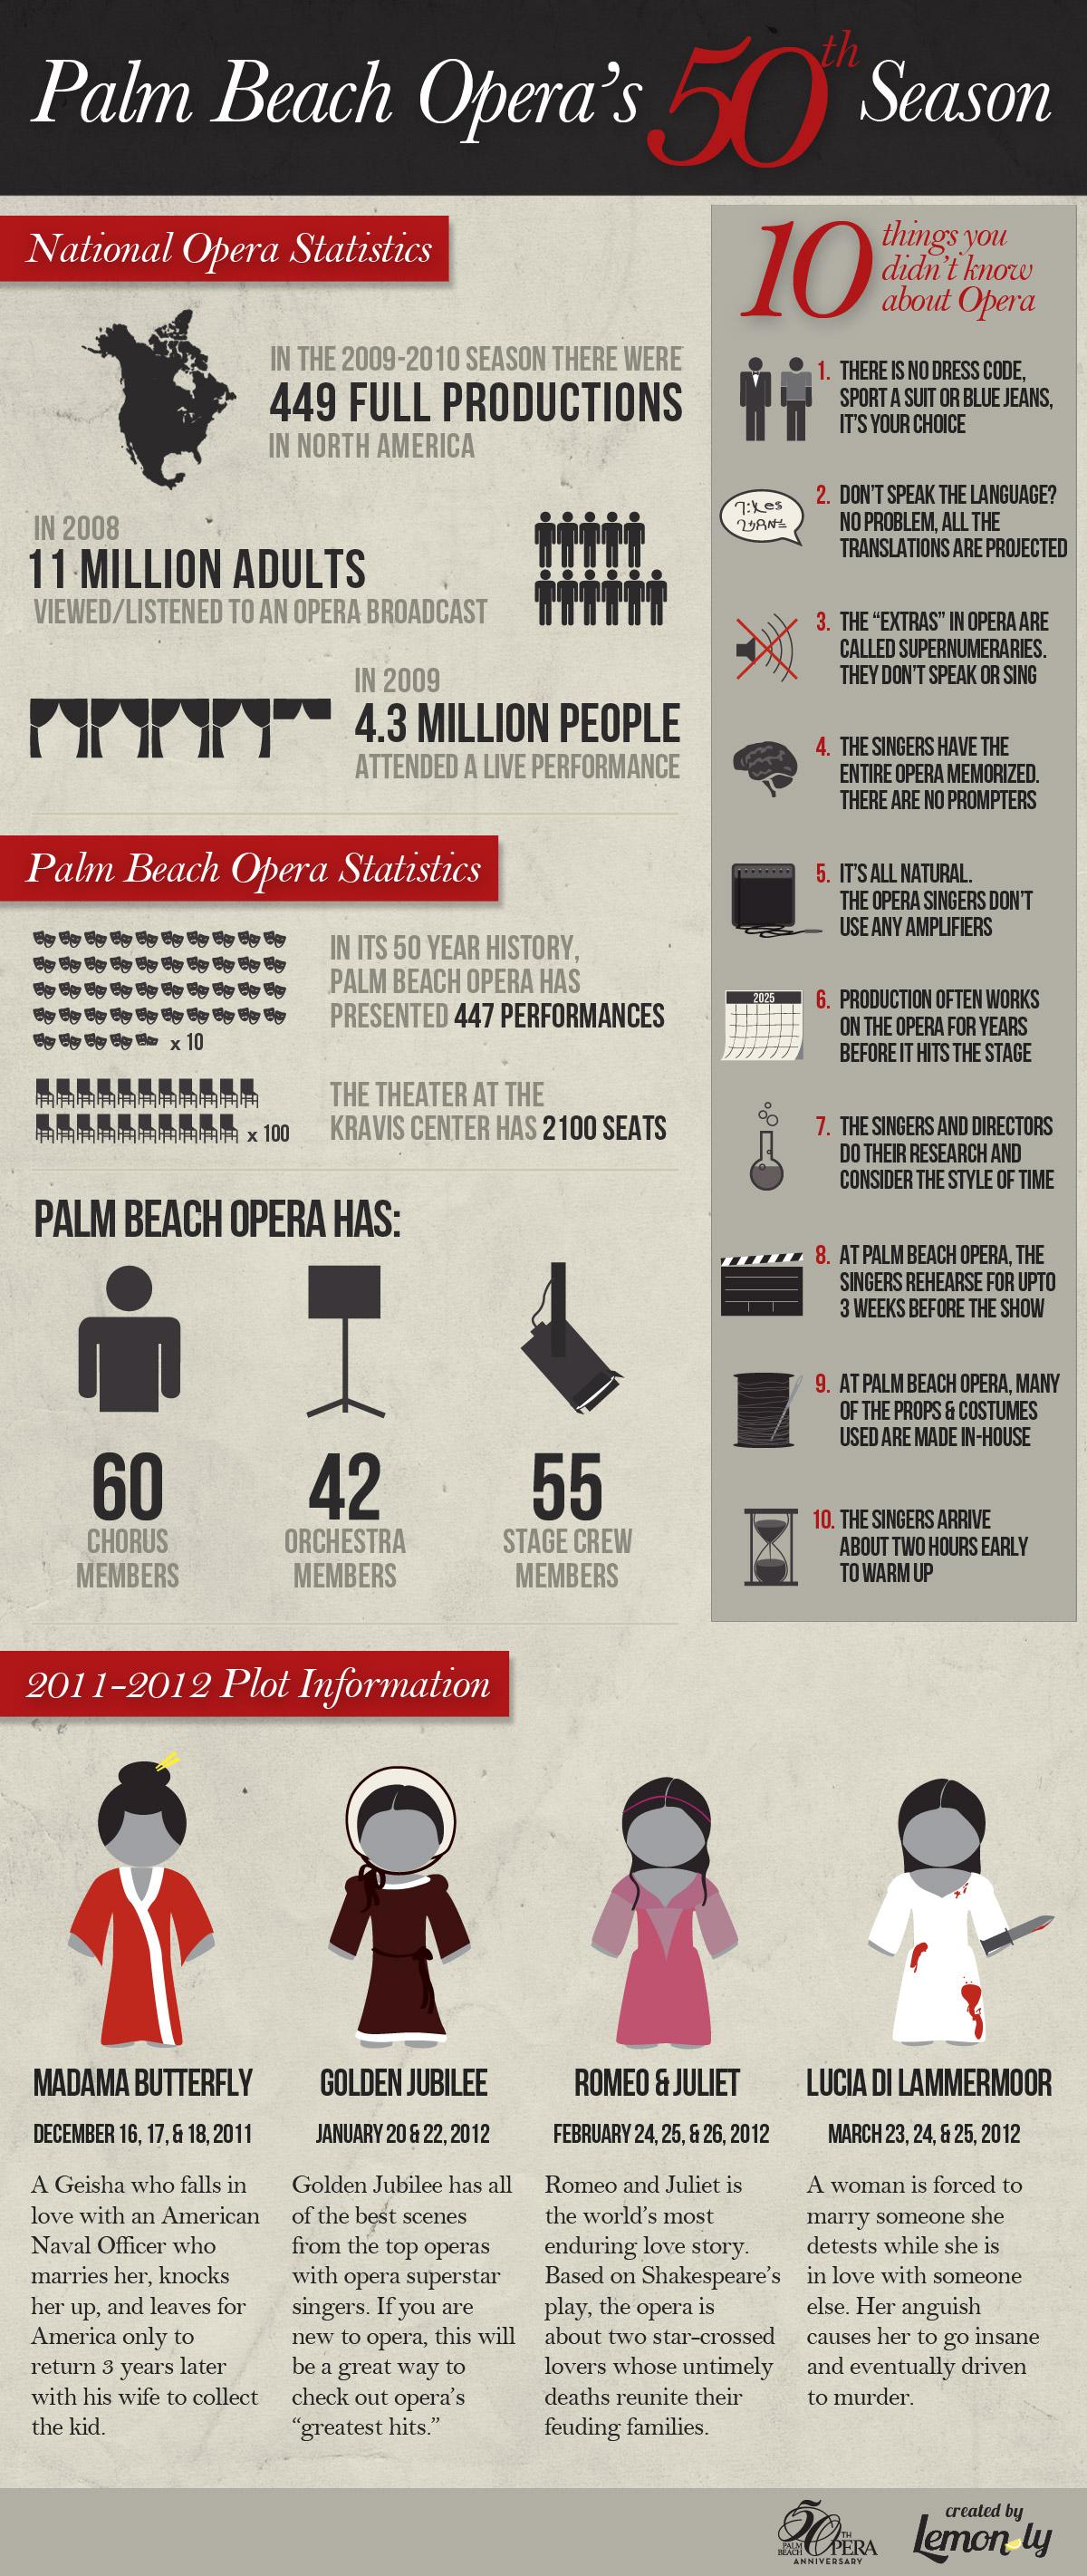 Palm Beach Opera's 50th Season